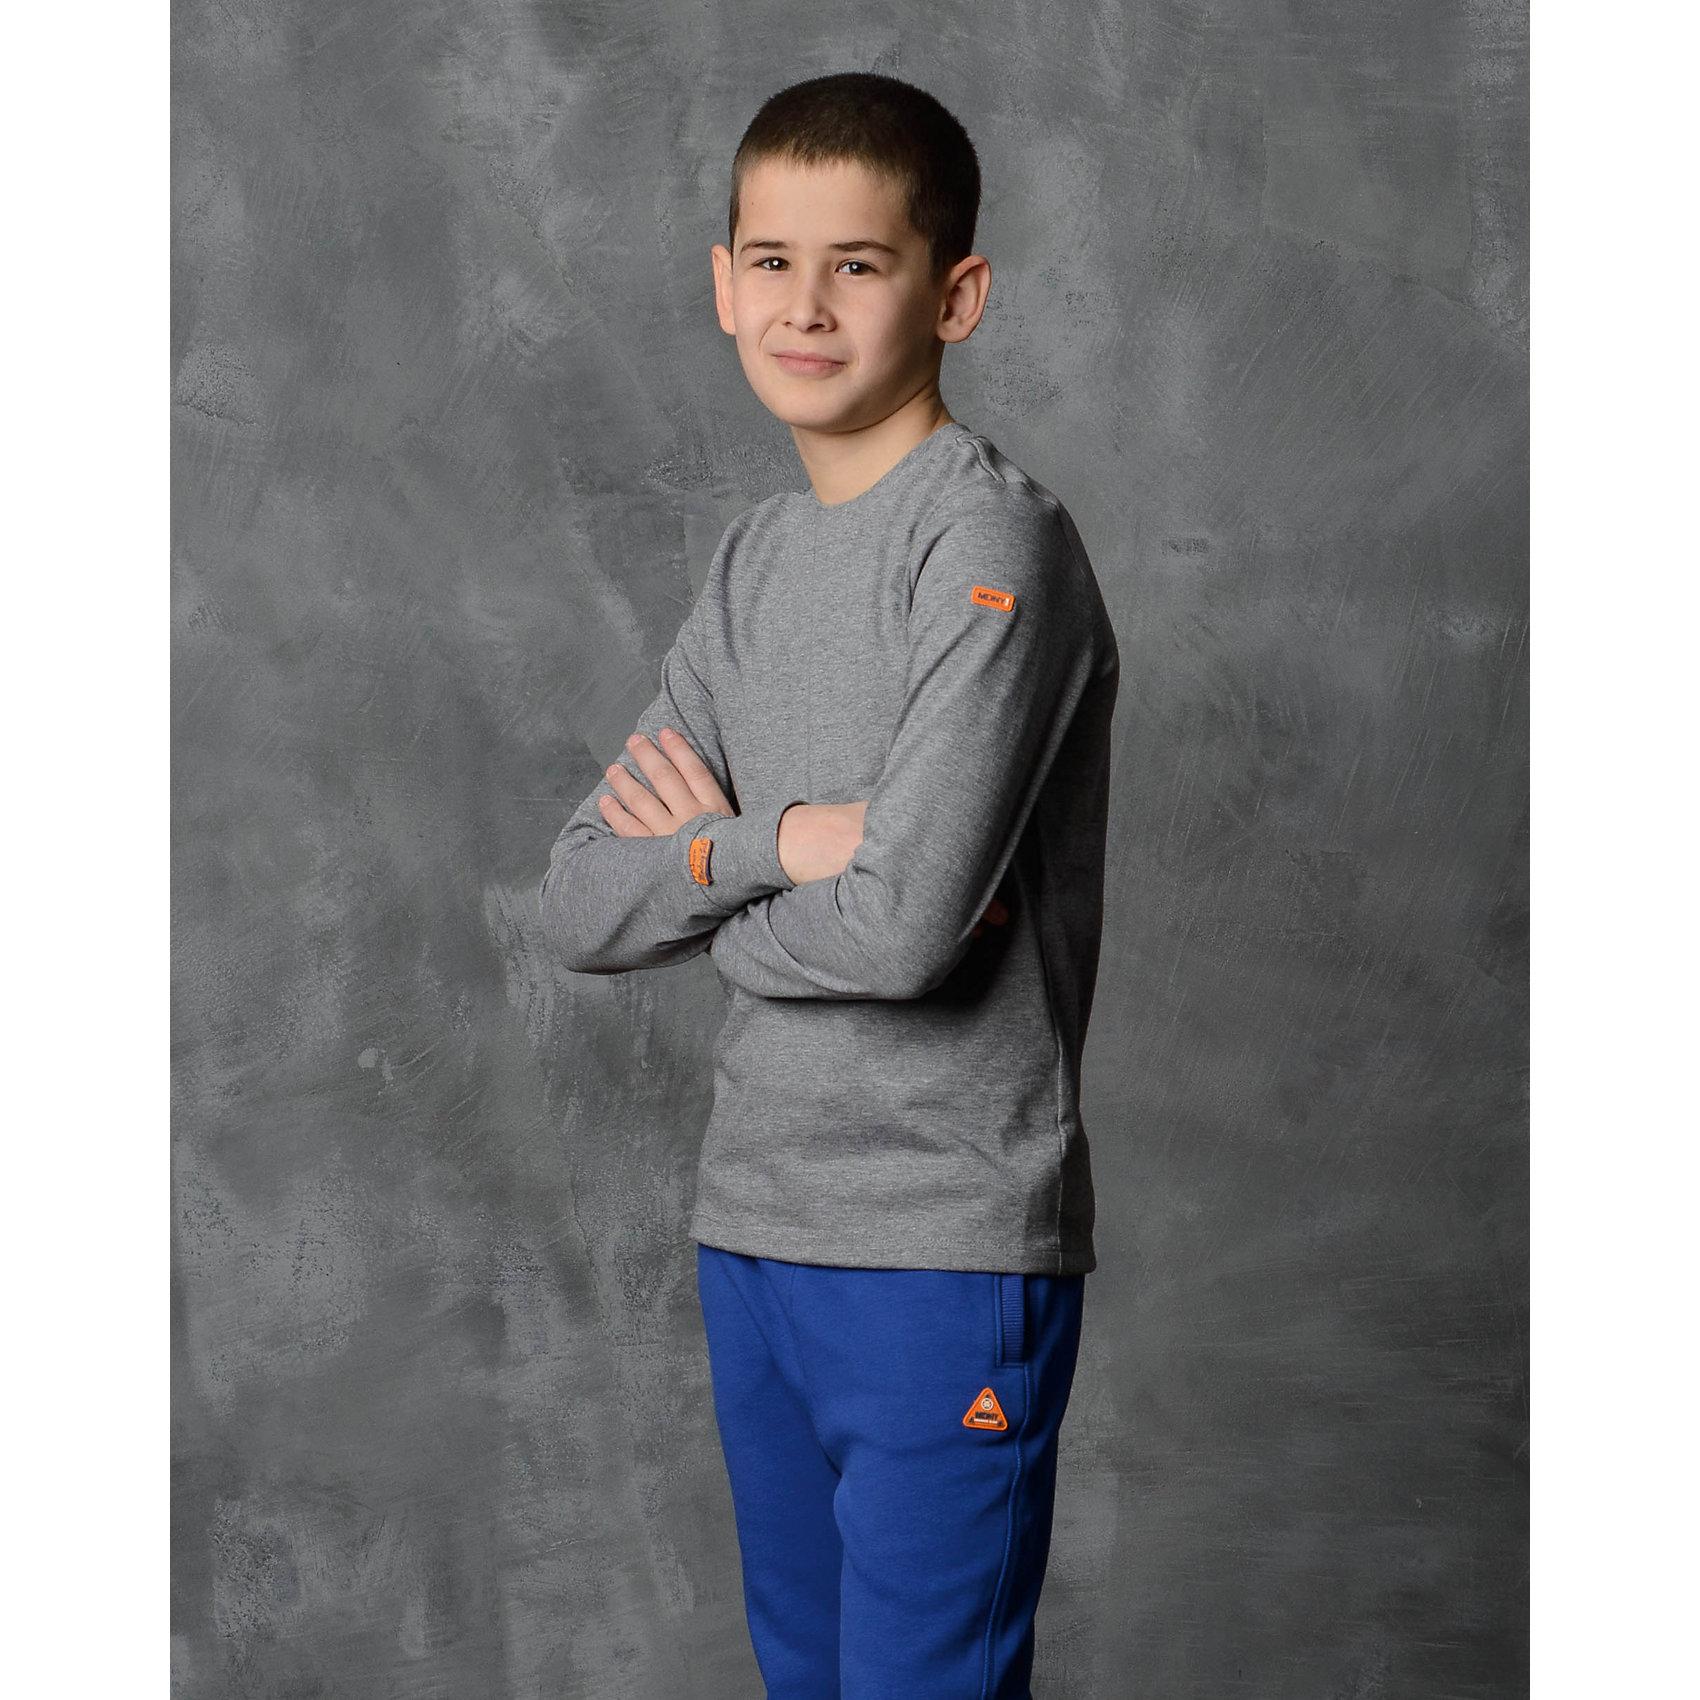 Футболка с длинным рукавом для мальчика Modniy JukФутболки с длинным рукавом<br>Характеристики товара:<br><br>• цвет: серый<br>• состав: 100% хлопок<br>• длинные рукава<br>• мягкий материал<br>• круглый вырез горловины<br>• манжеты<br>• логотип<br><br>• страна бренда: Российская Федерация<br>• страна производства: Российская Федерация<br><br>Модели одежды из новой коллекции от бренда Модный жук - это стильные и удобные вещи, созданные специально для детей. Они отличаются продуманным дизайном, качественными материалами и комфортной посадкой. Дети носят их с удовольствием! Футболка с длинным рукавом - хит сезона, отличный вариант базовой вещи для разной погоды. Она отлично сочетается с джинсами и брюками, хорошо сидит по фигуре.<br>Одежда и аксессуары от российского бренда Модный жук - это способ пополнить гардероб ребенка модными изделиями по доступной цене. Для их производства используются только безопасные, проверенные материалы и фурнитура. Новая коллекция поддерживает хорошие традиции бренда! <br><br>Футболку с длинным рукавом для мальчика от популярного бренда Модный жук можно купить в нашем интернет-магазине.<br><br>Ширина мм: 230<br>Глубина мм: 40<br>Высота мм: 220<br>Вес г: 250<br>Цвет: серый<br>Возраст от месяцев: 144<br>Возраст до месяцев: 156<br>Пол: Мужской<br>Возраст: Детский<br>Размер: 152/158,98/104,104/110,110/116,116/122,122/128,128/134,134/140,140/146,146/152<br>SKU: 5614239